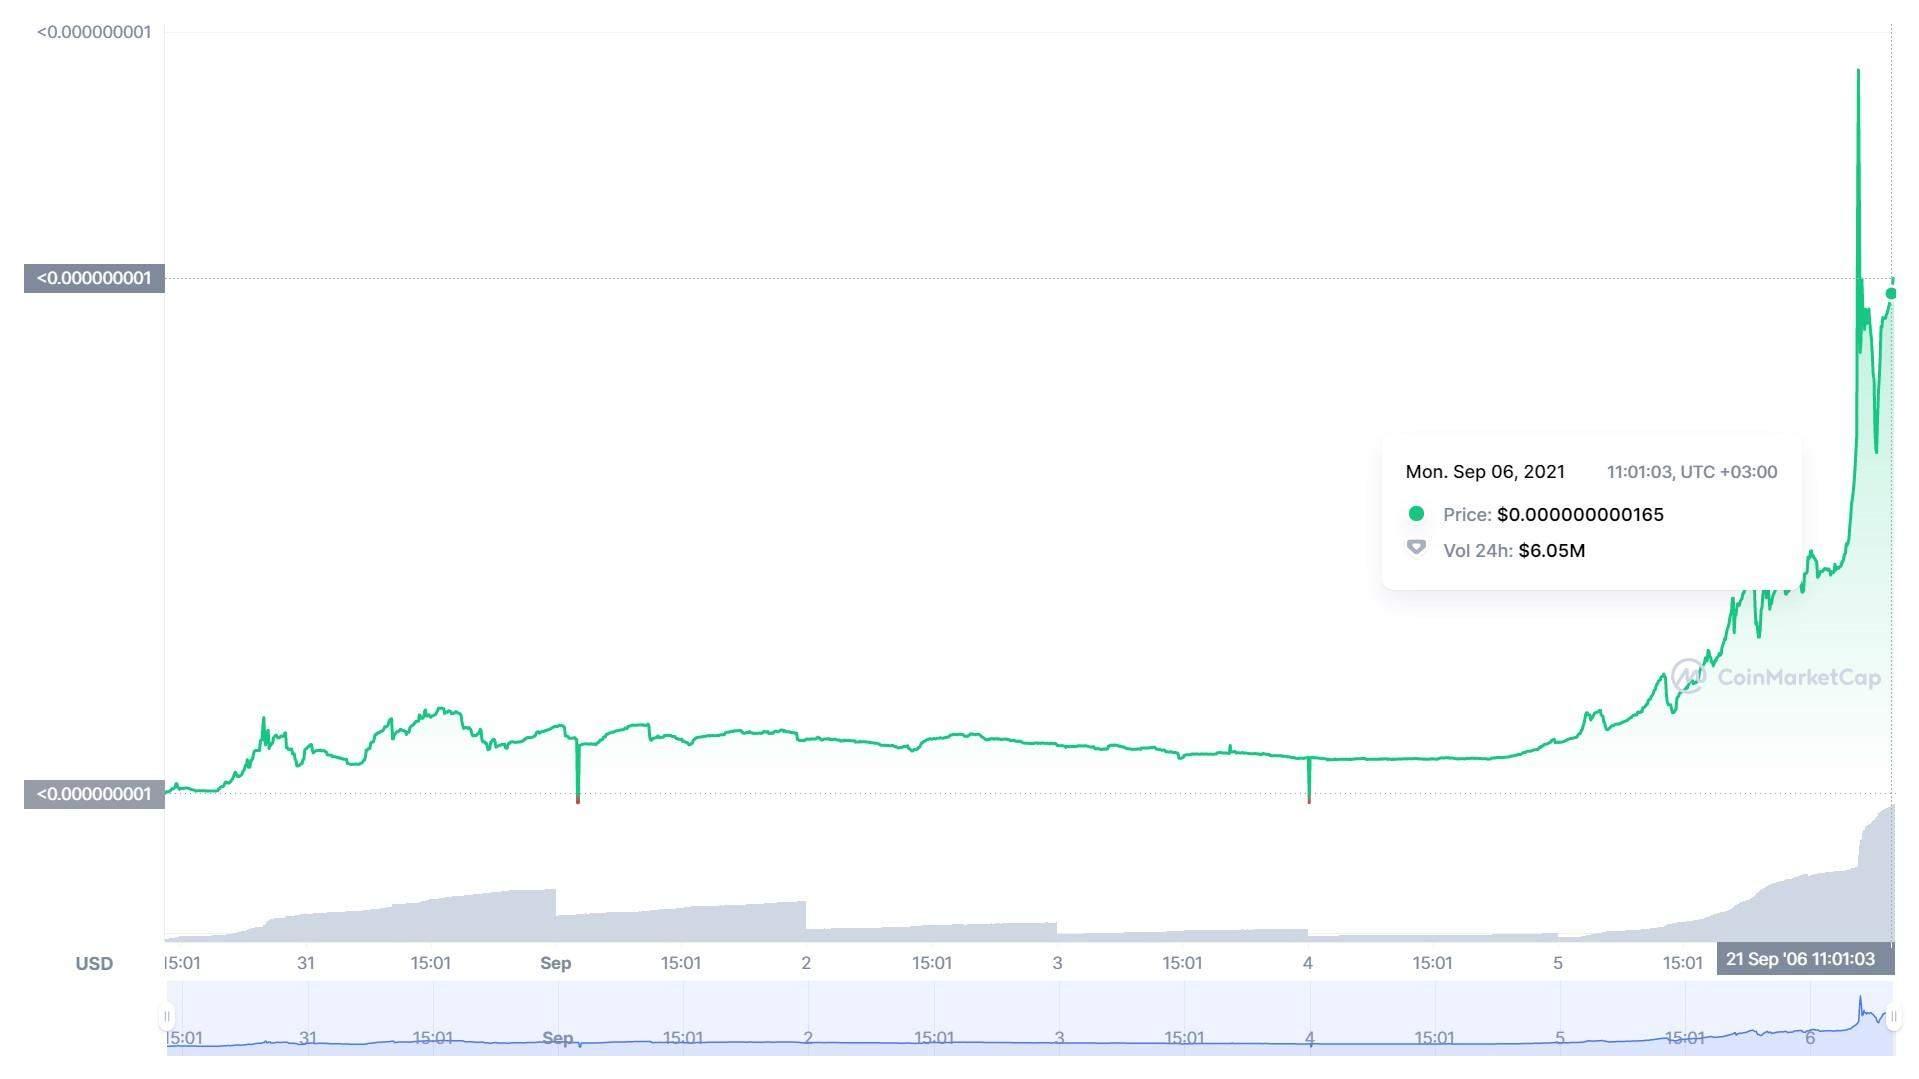 Ціна Wifedoge за останній місяць